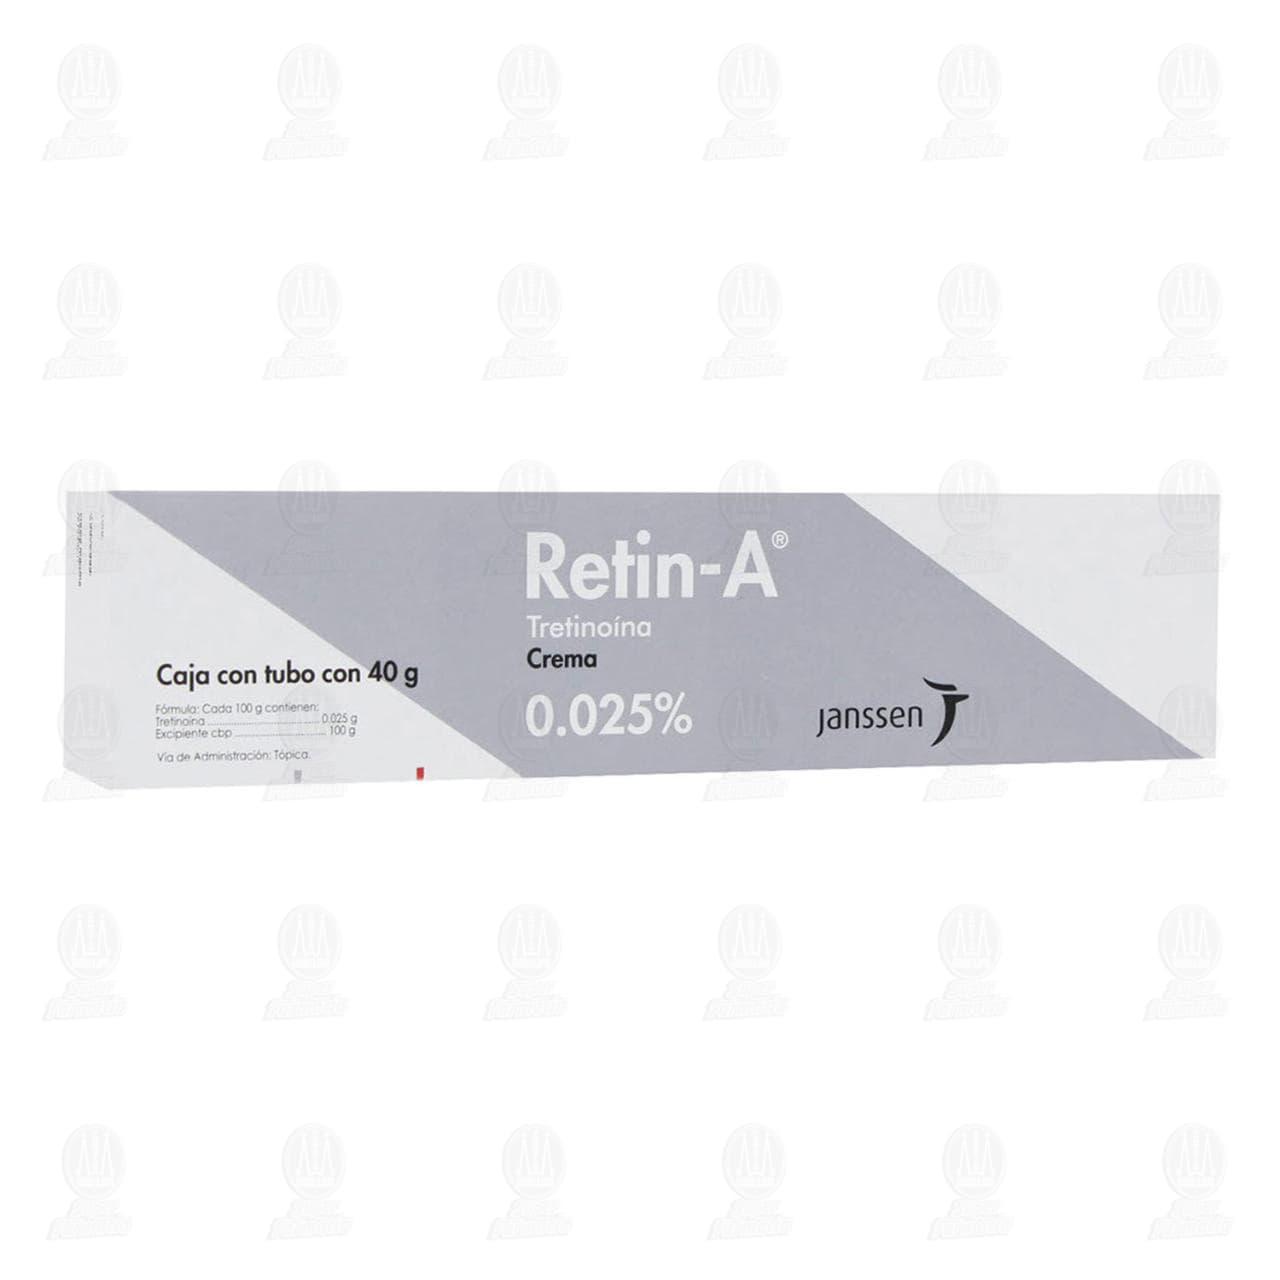 Comprar Retin-A Crema 0.025% 40gr en Farmacias Guadalajara